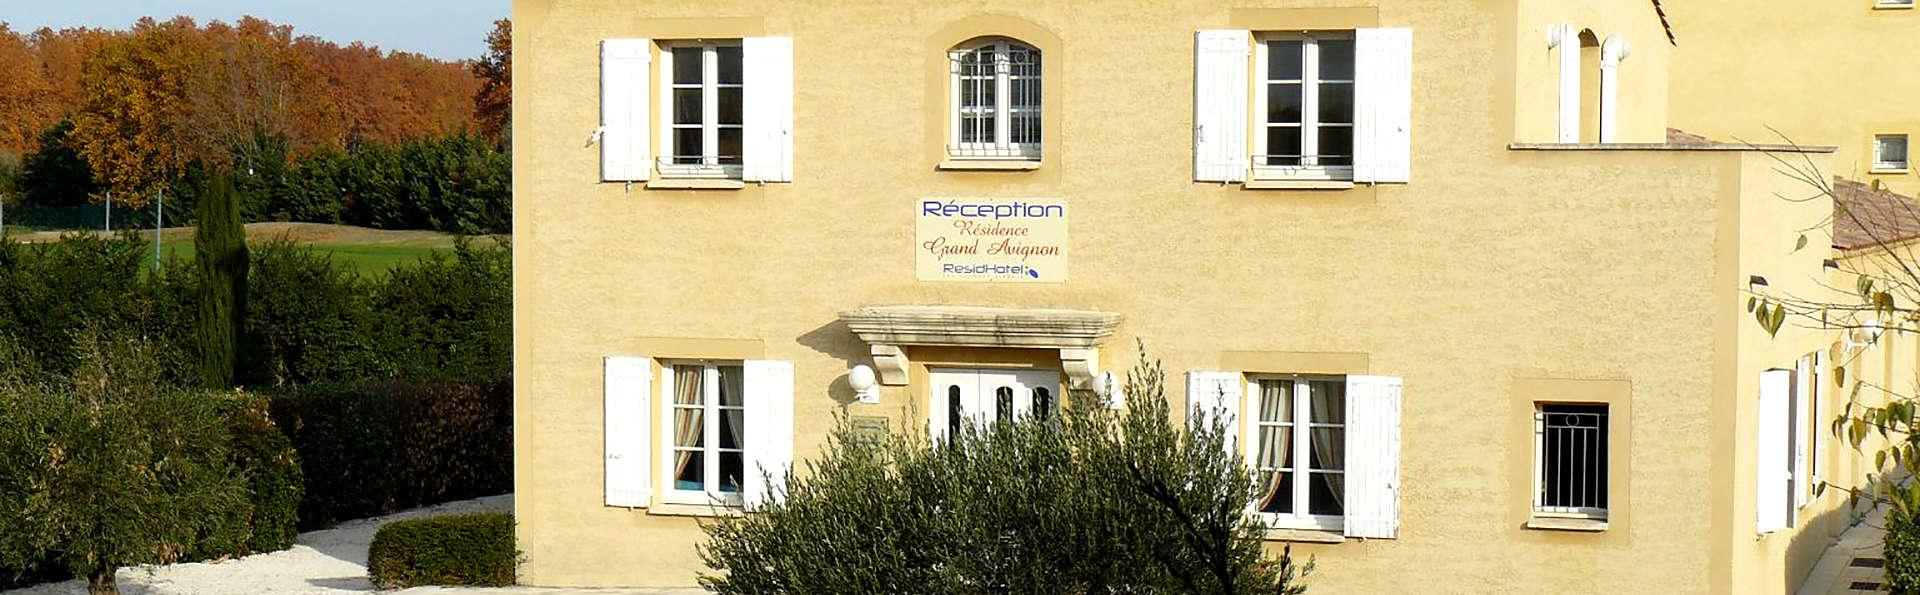 Residhotel Grand Avignon - Edit_Front.jpg